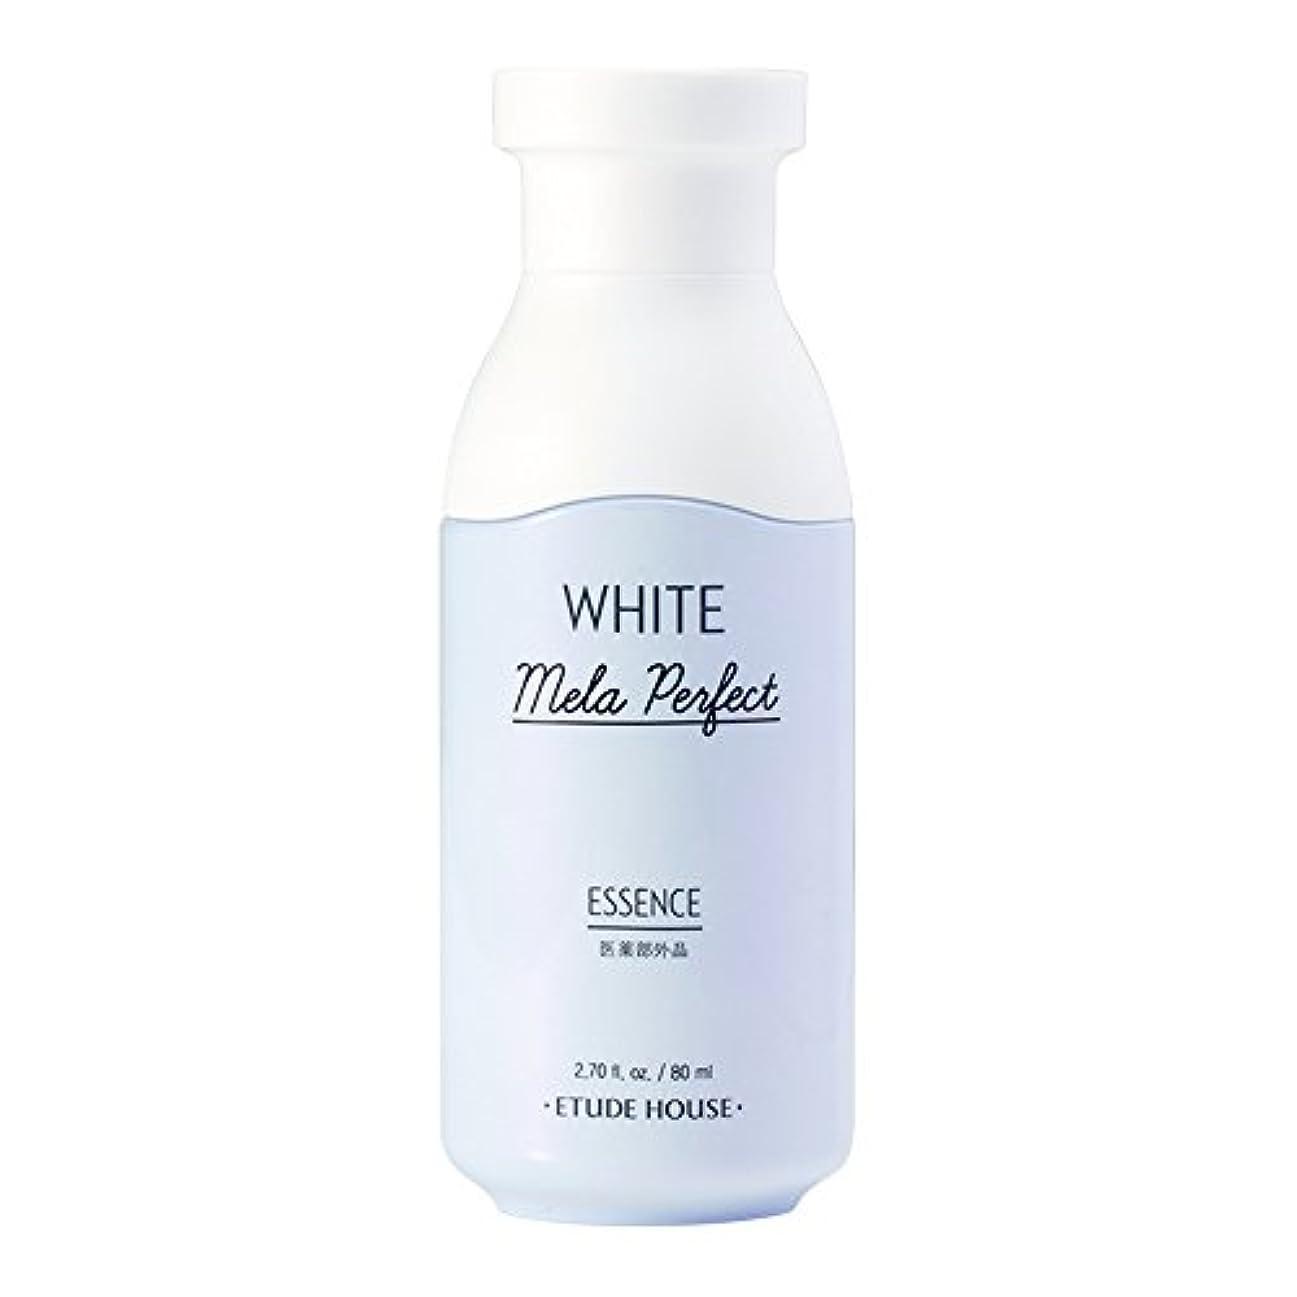 瞬時にめまいそれエチュードハウス(ETUDE HOUSE) ホワイトメラパーフェクト エッセンス「美白美容液」